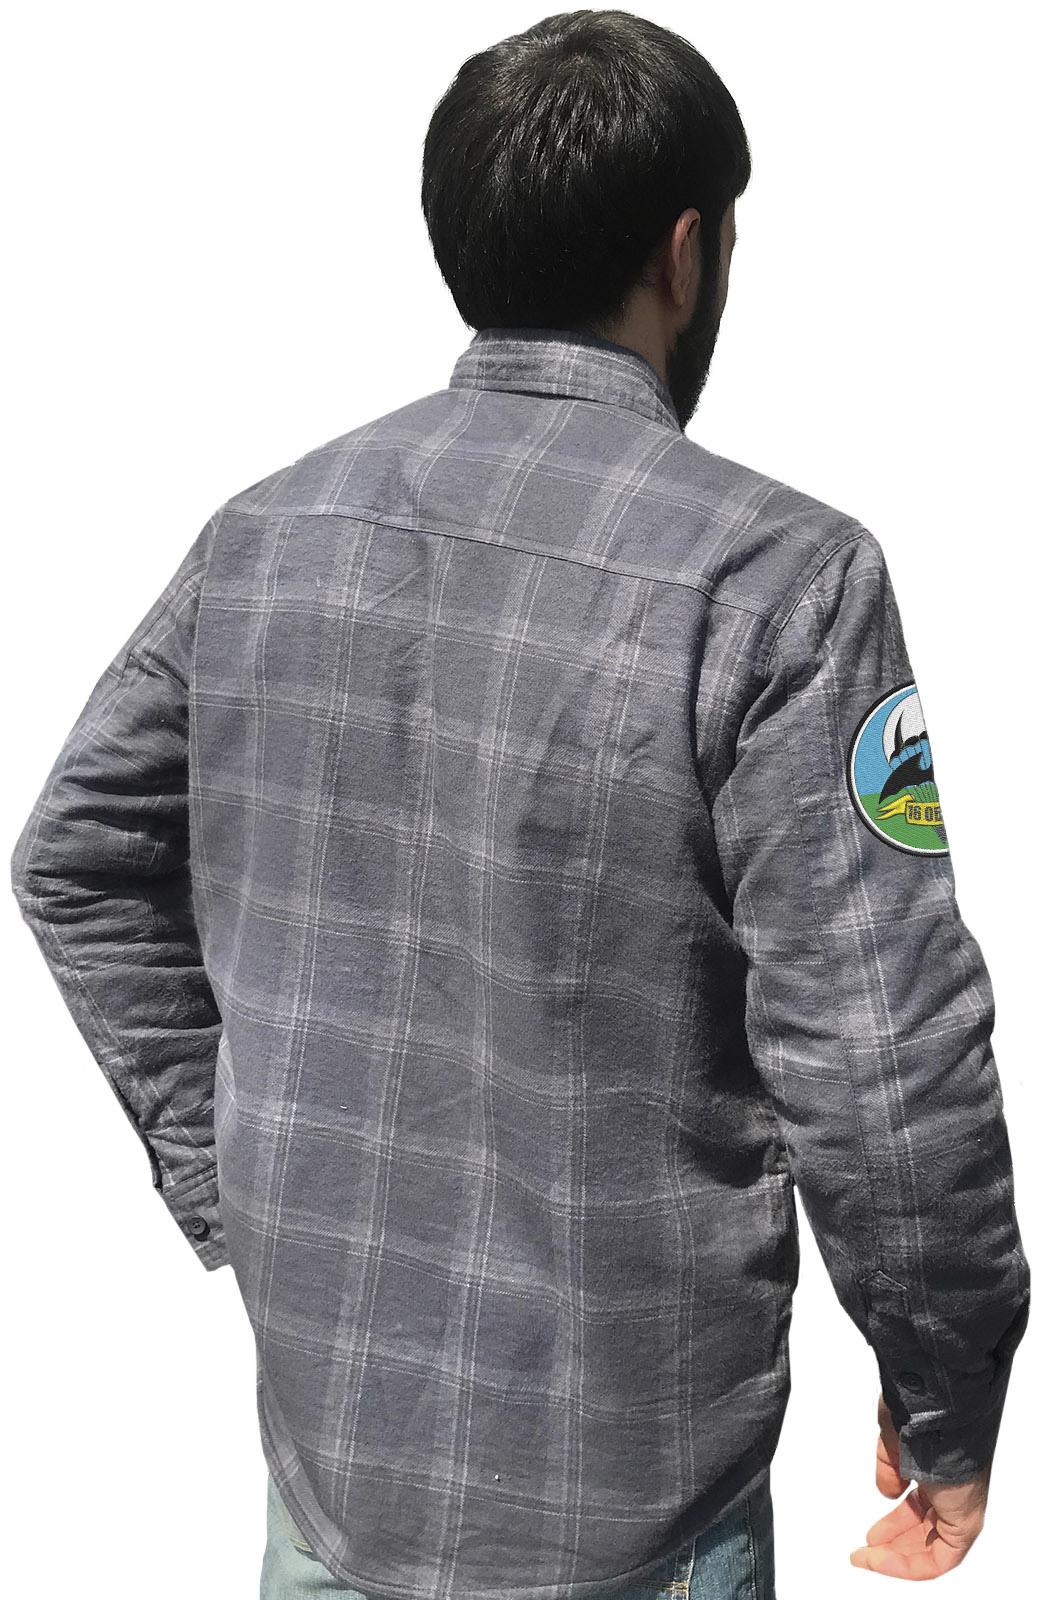 Клетчатая рубашка с шевроном 16 ОБрСпН заказать с доставкой